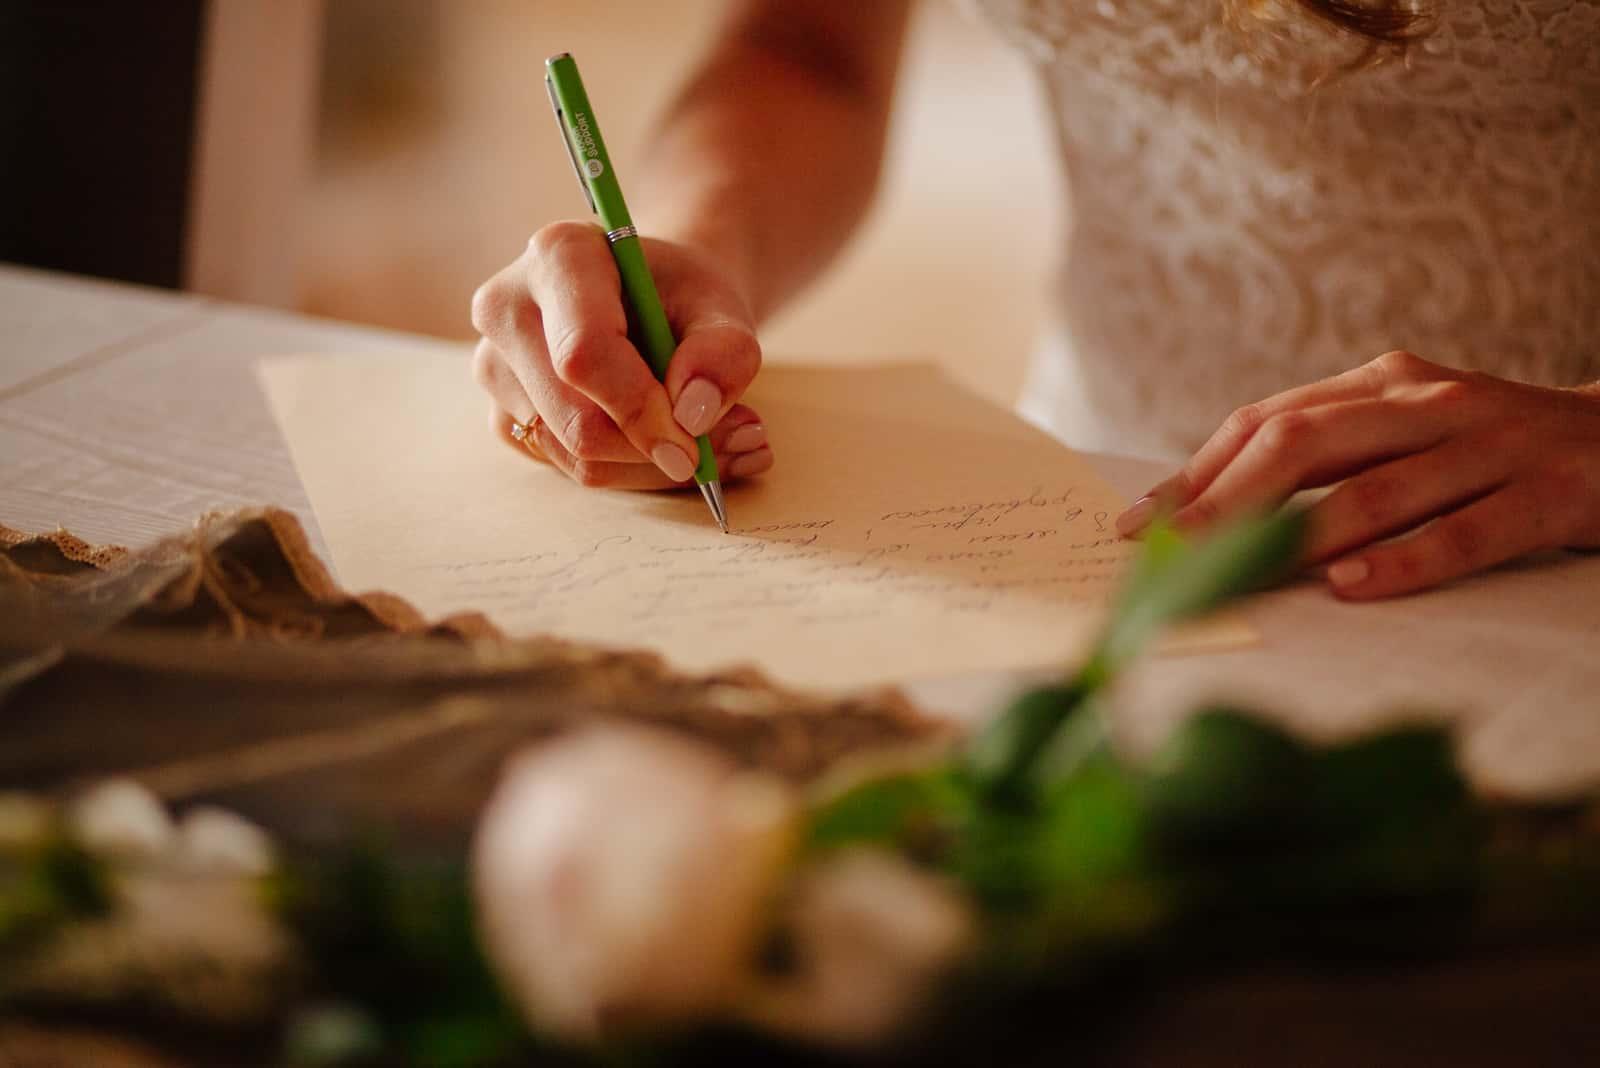 une femme est assise à une table et écrit des vœux